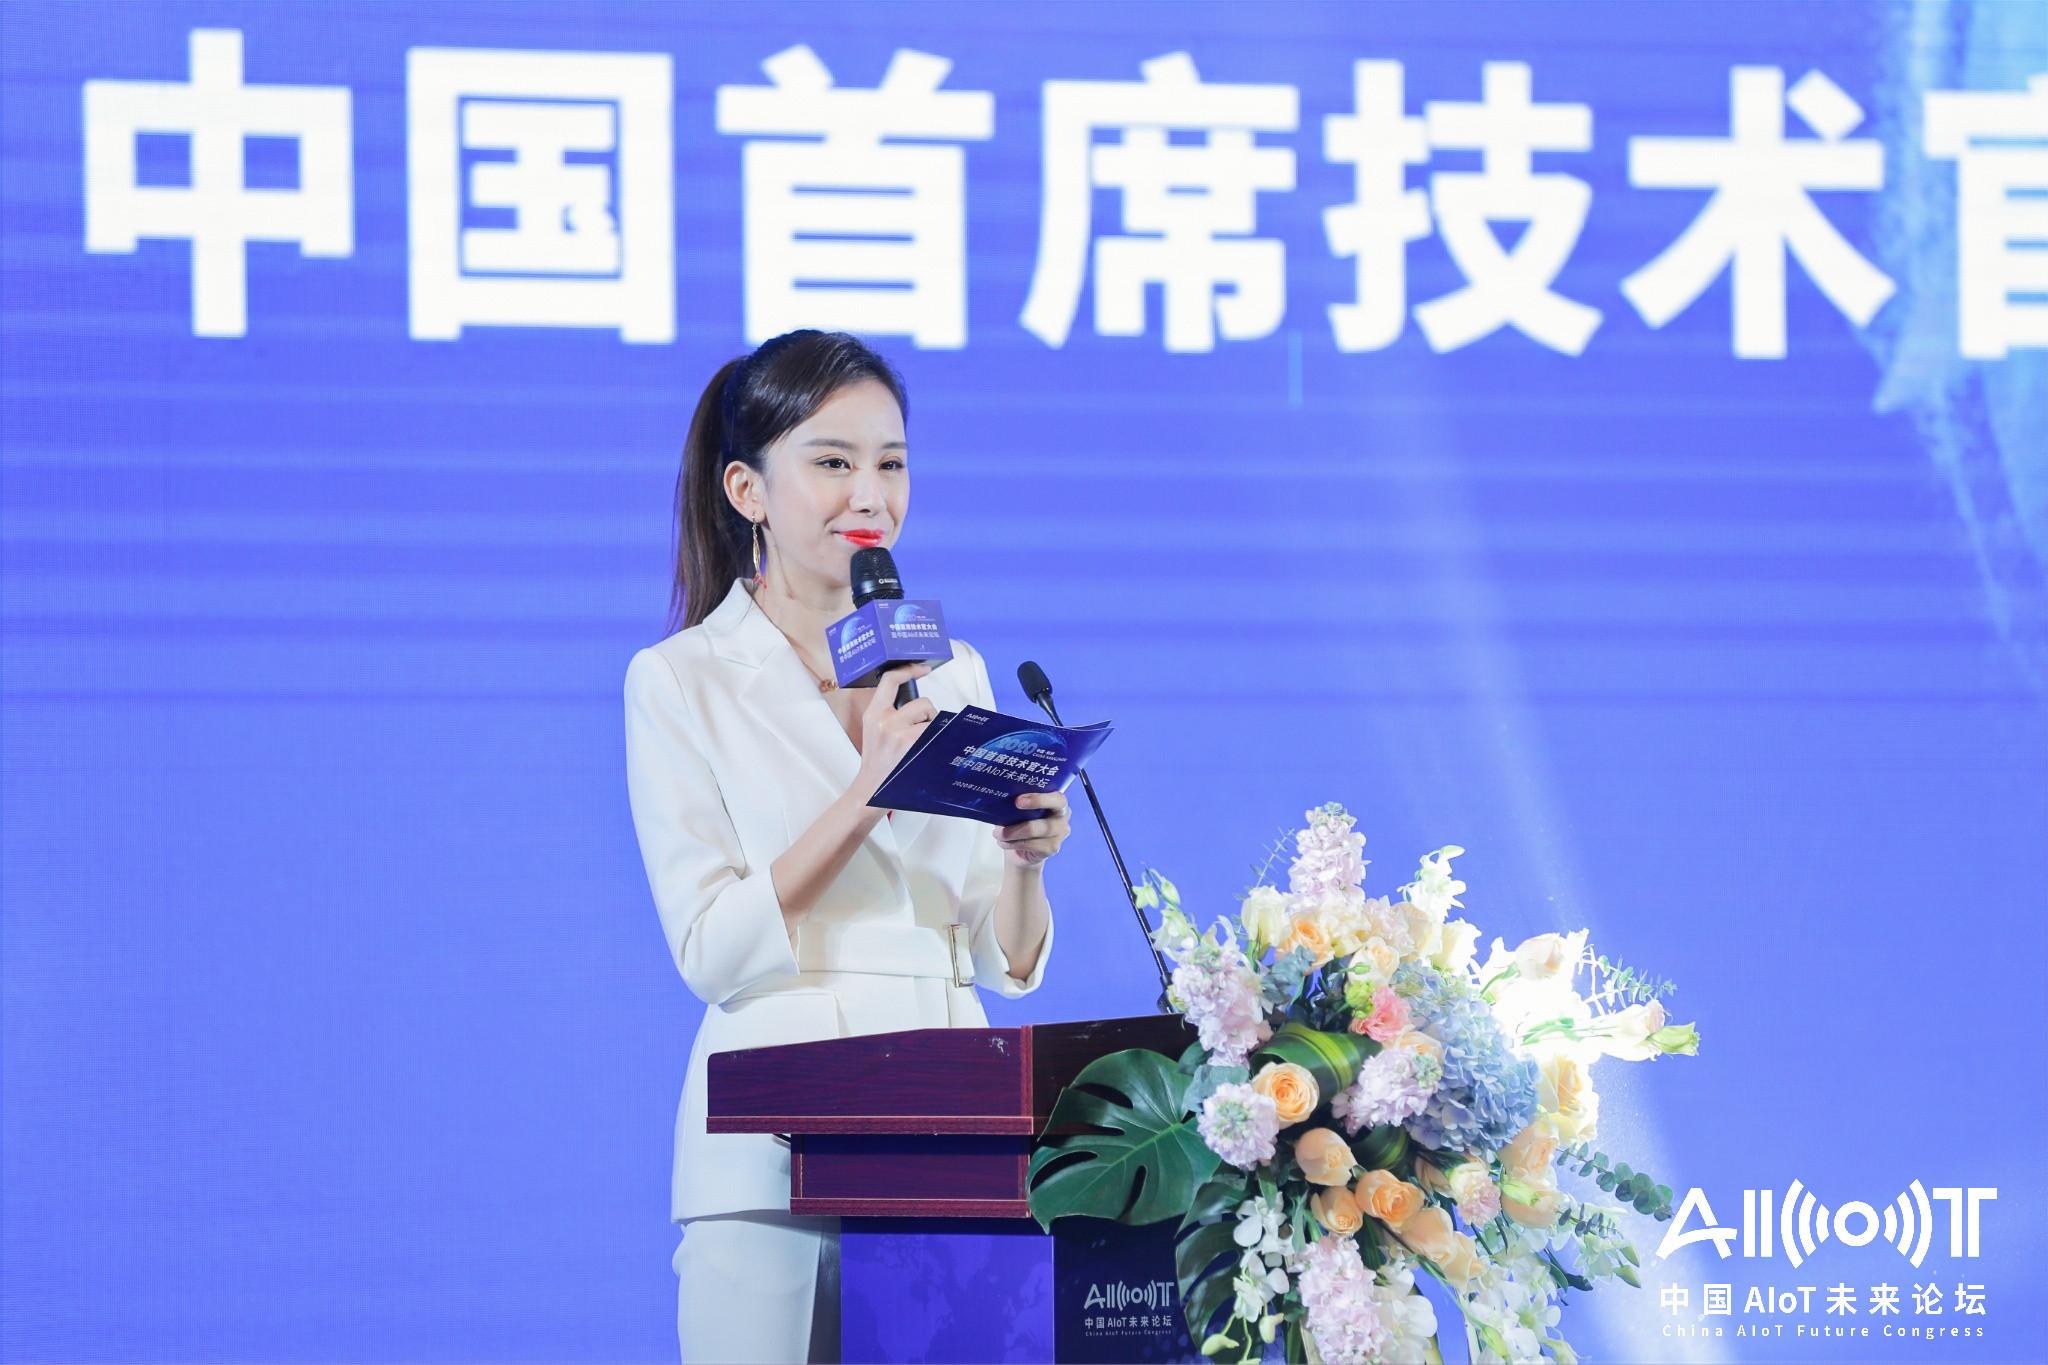 2020中国首席技术官大会暨中国AIoT未来论坛-2